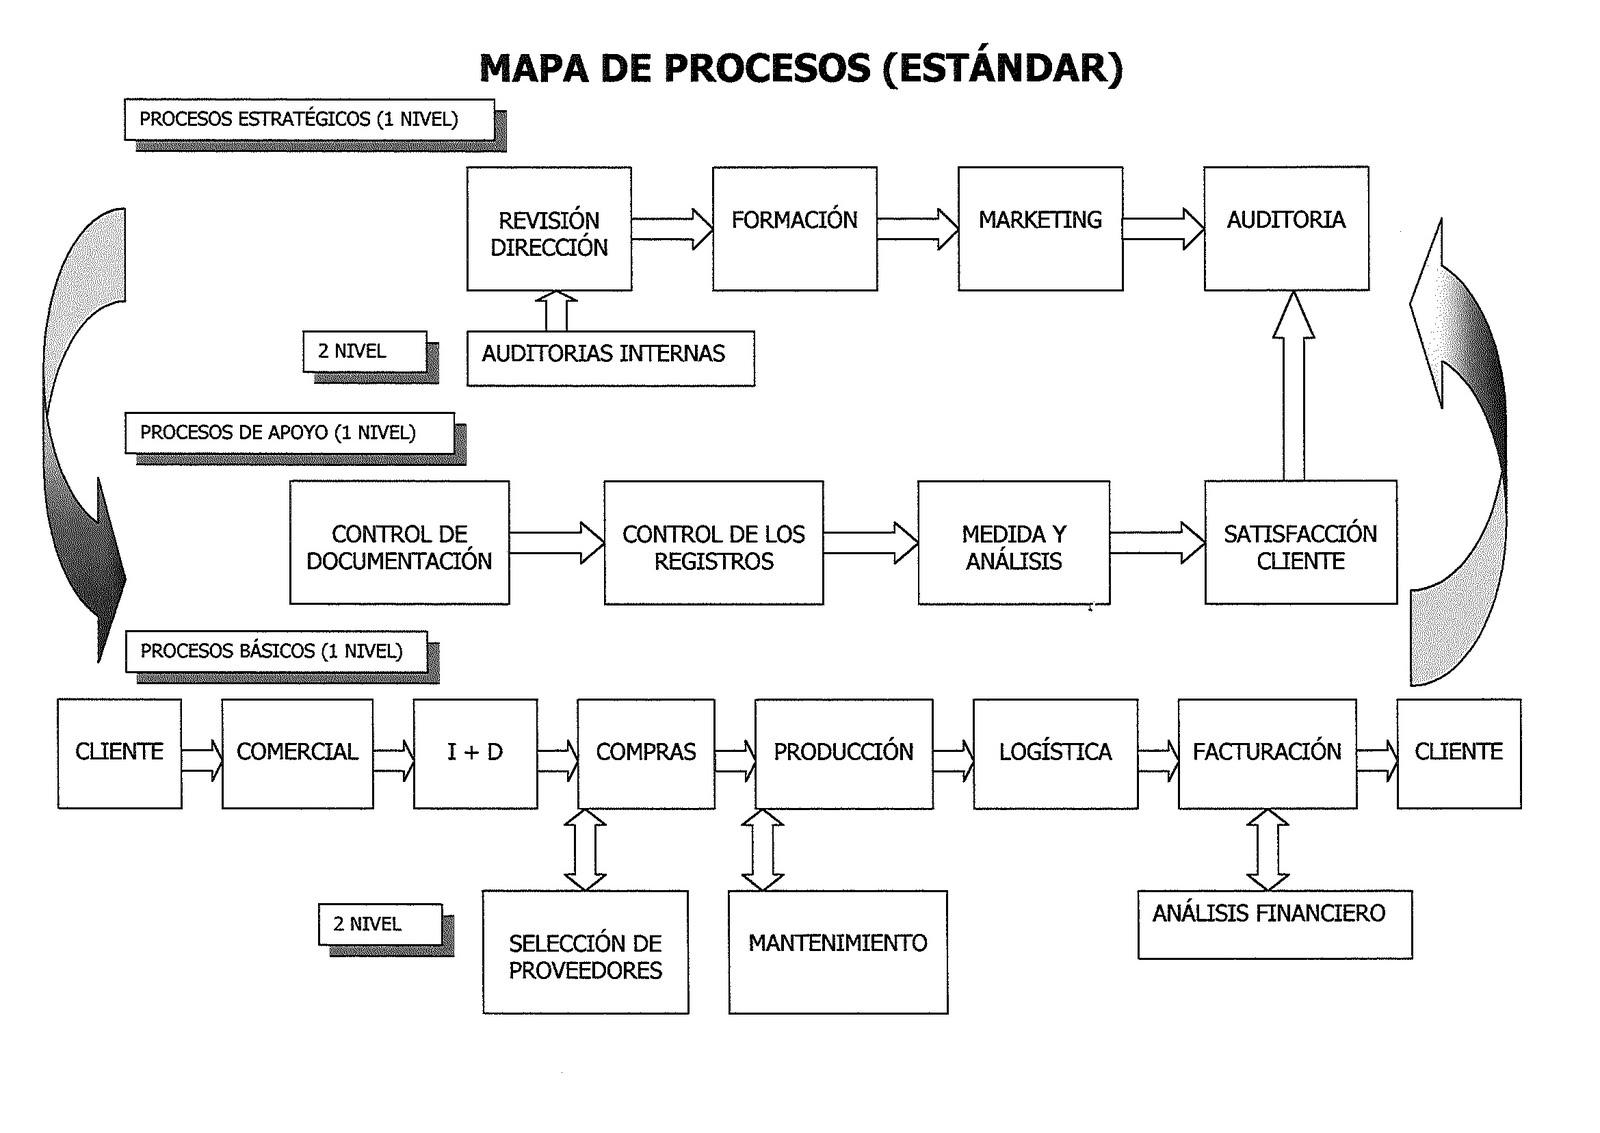 Seminario iso 9001 2000 gesti n por procesos for Mapeo de procesos ejemplo